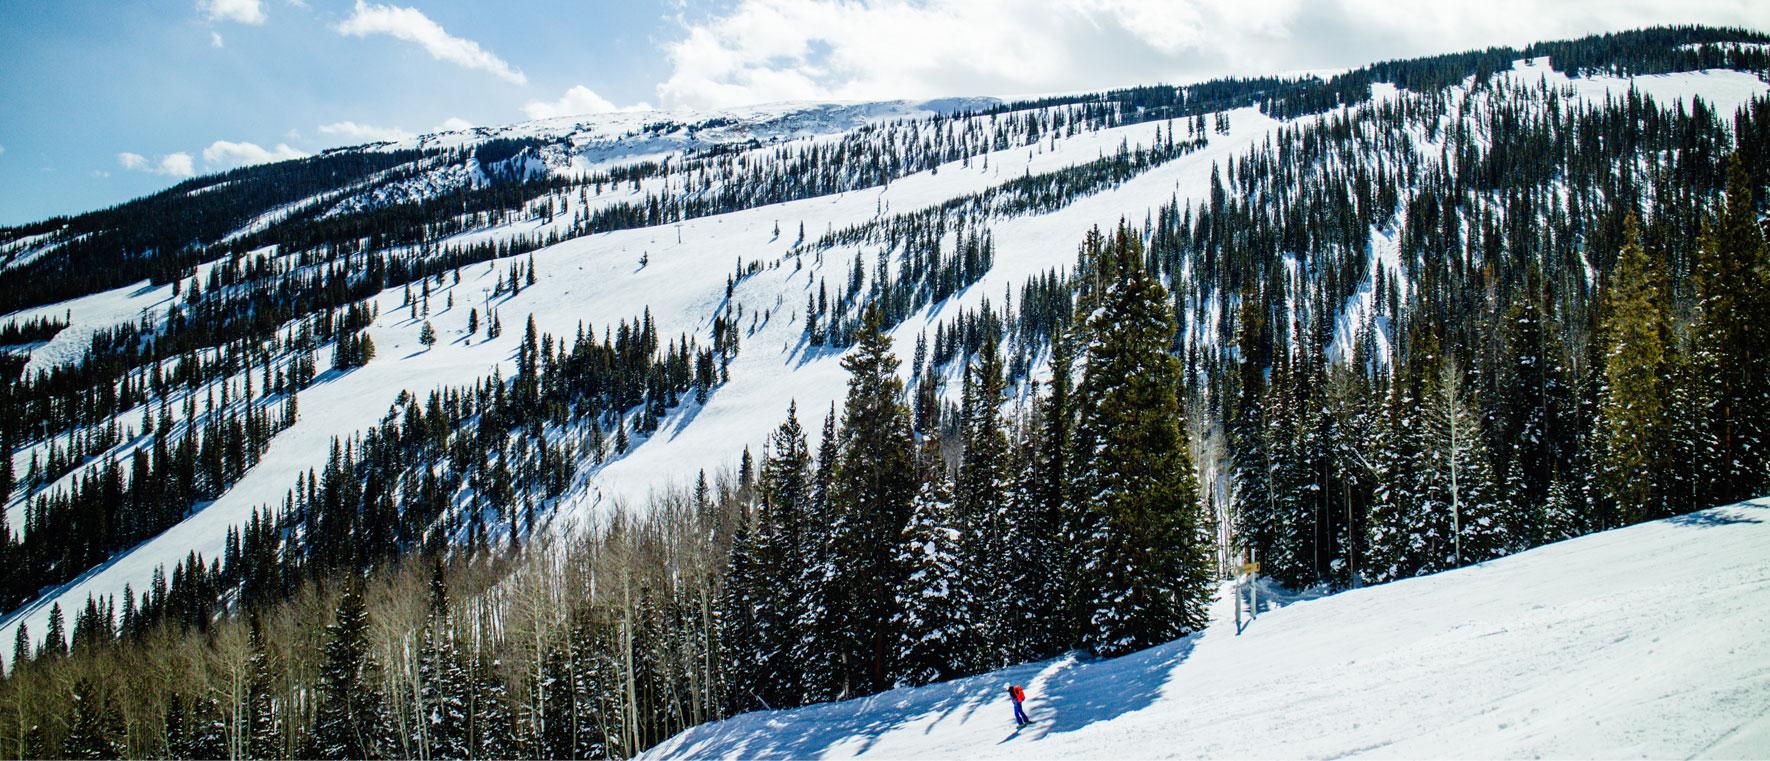 Spring skiing in Aspen